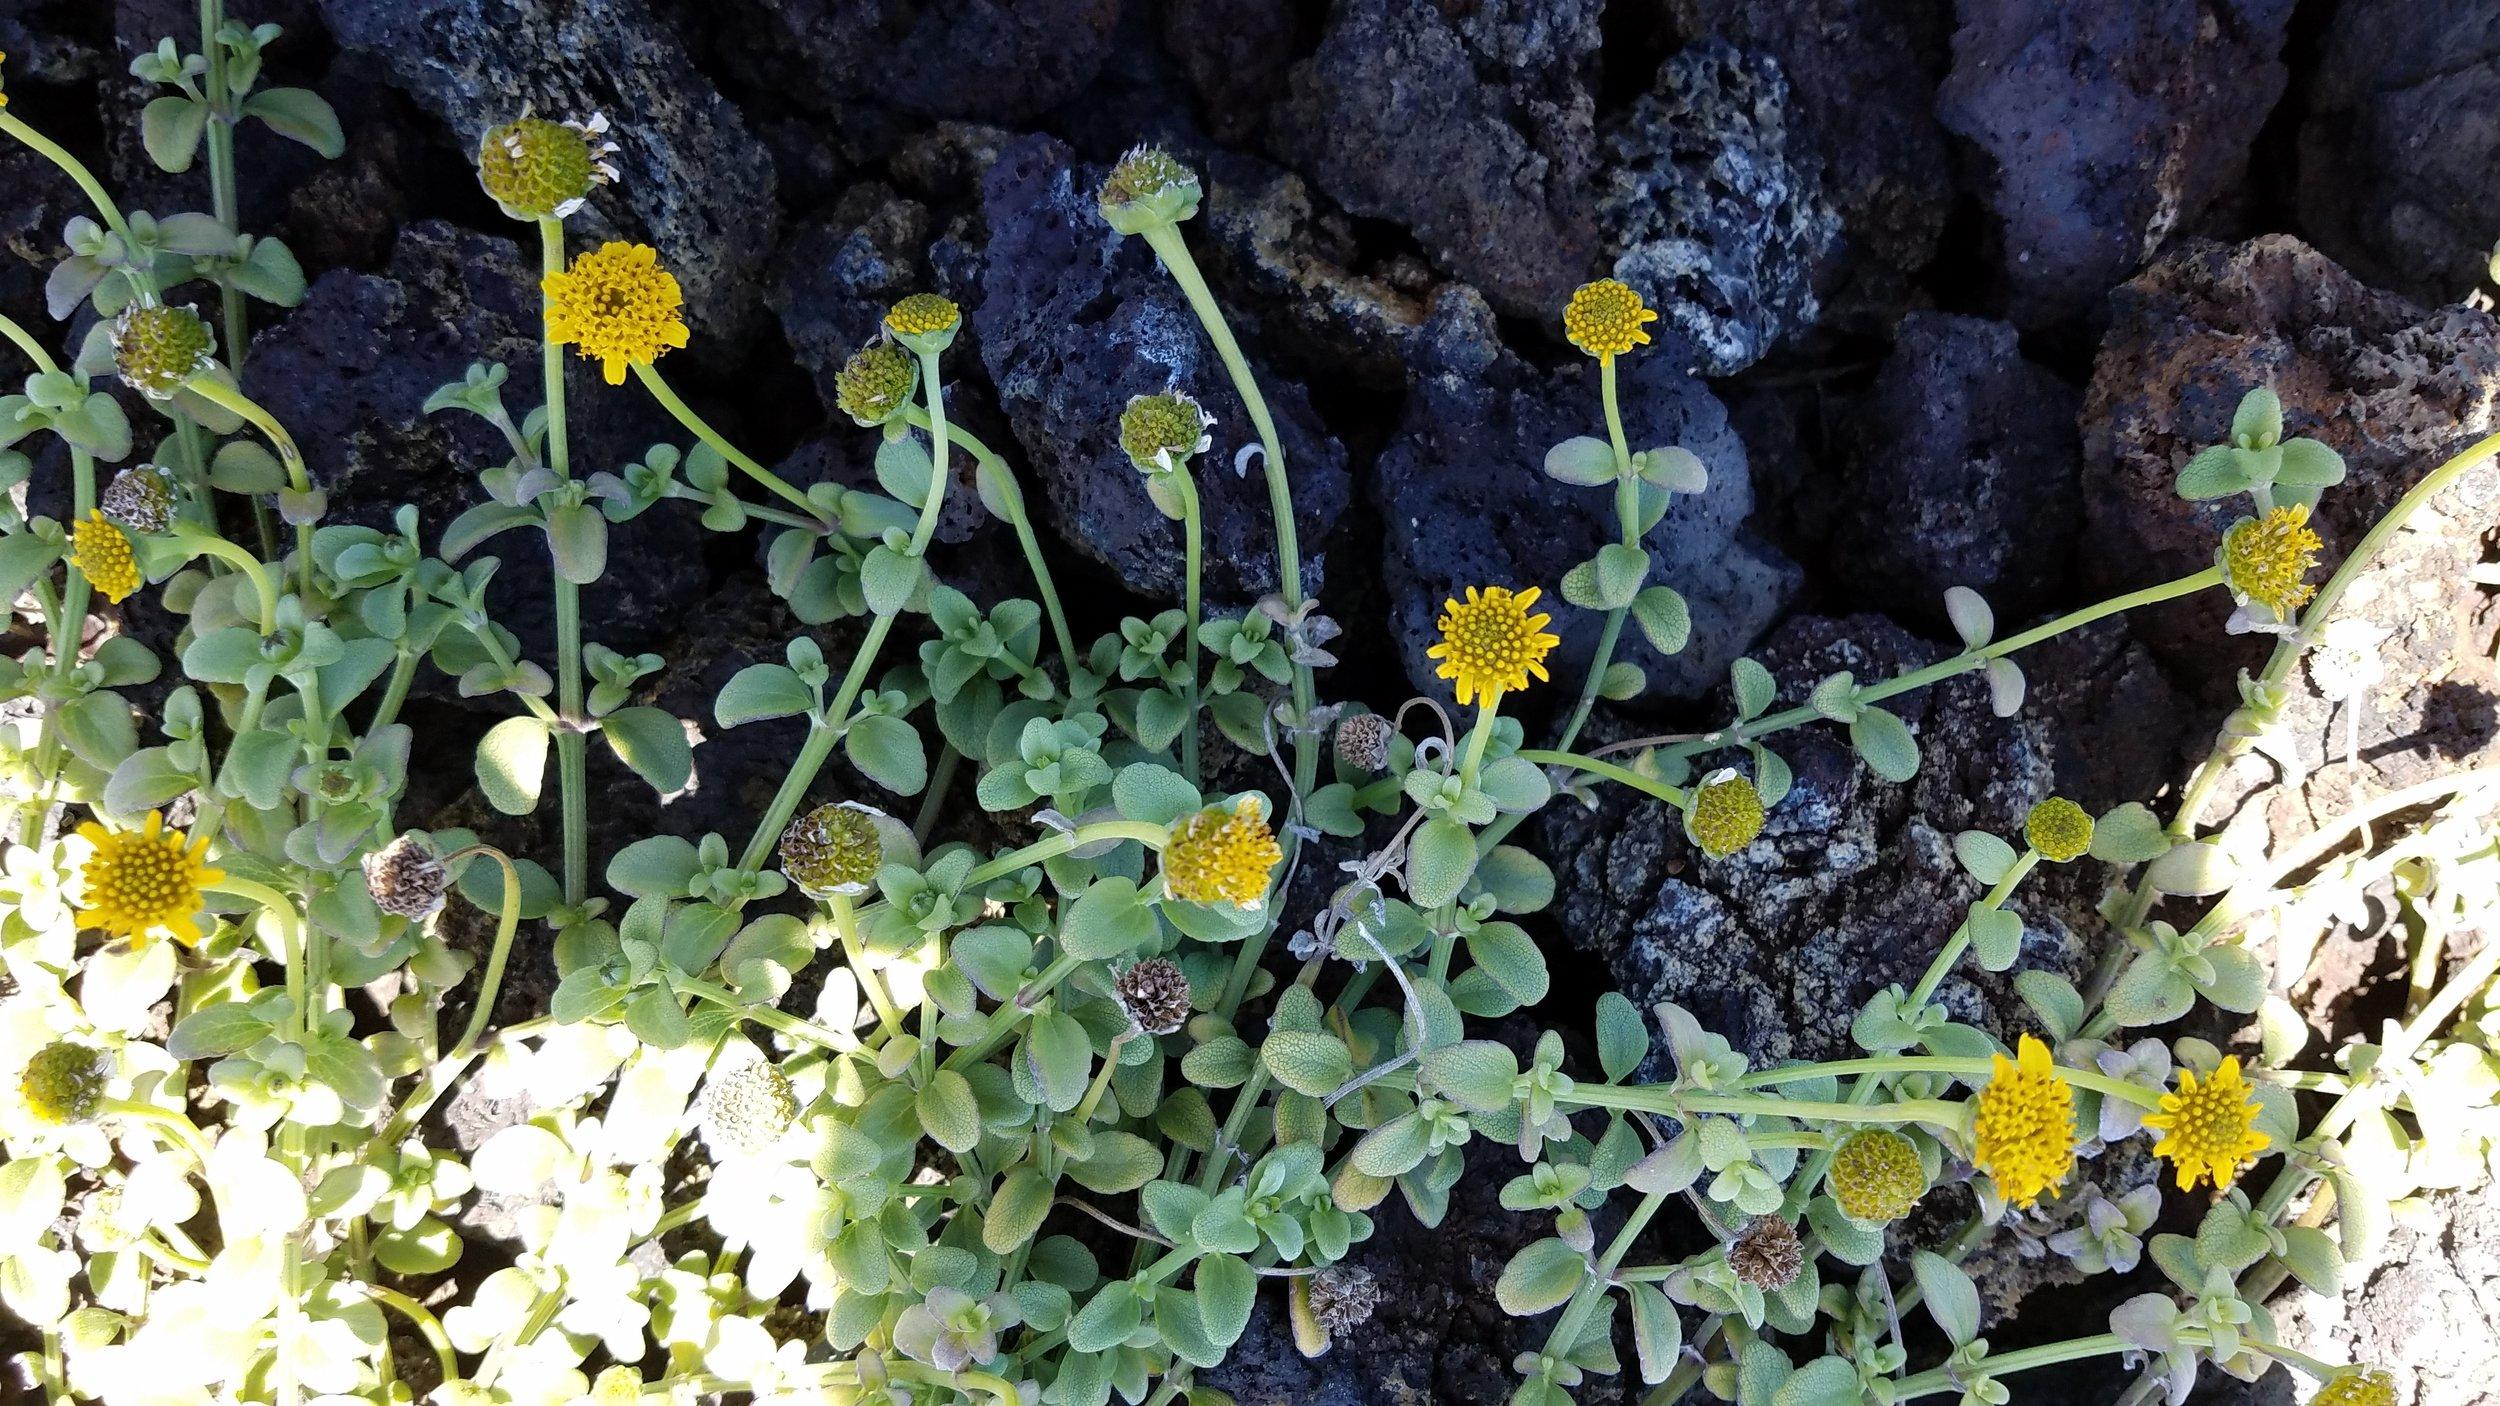 Melanthera integrifolia